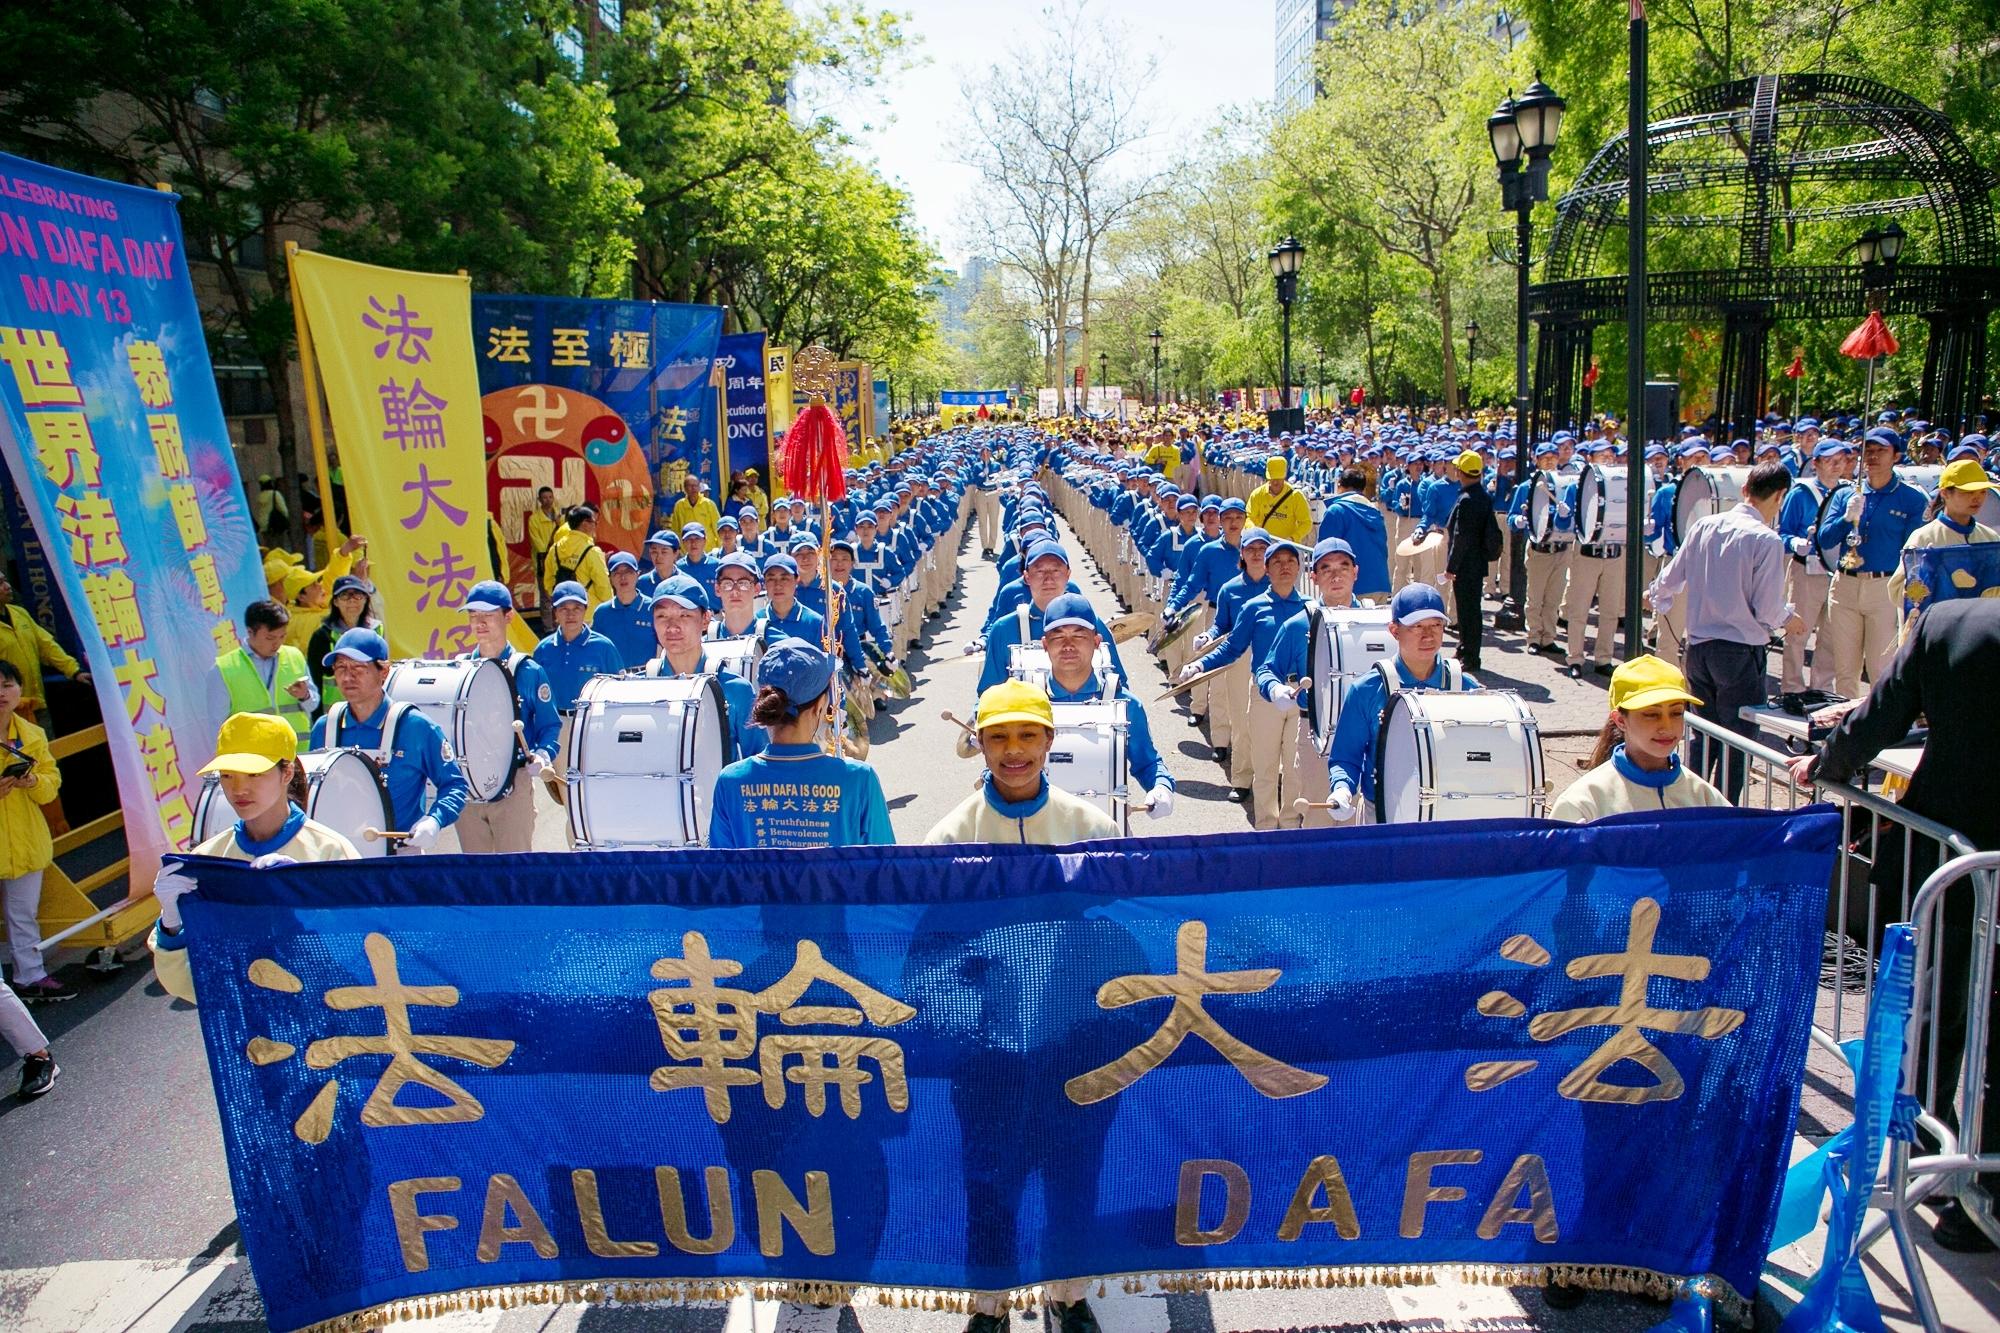 近萬法輪功學員集會 聲援3.3億人退出中共